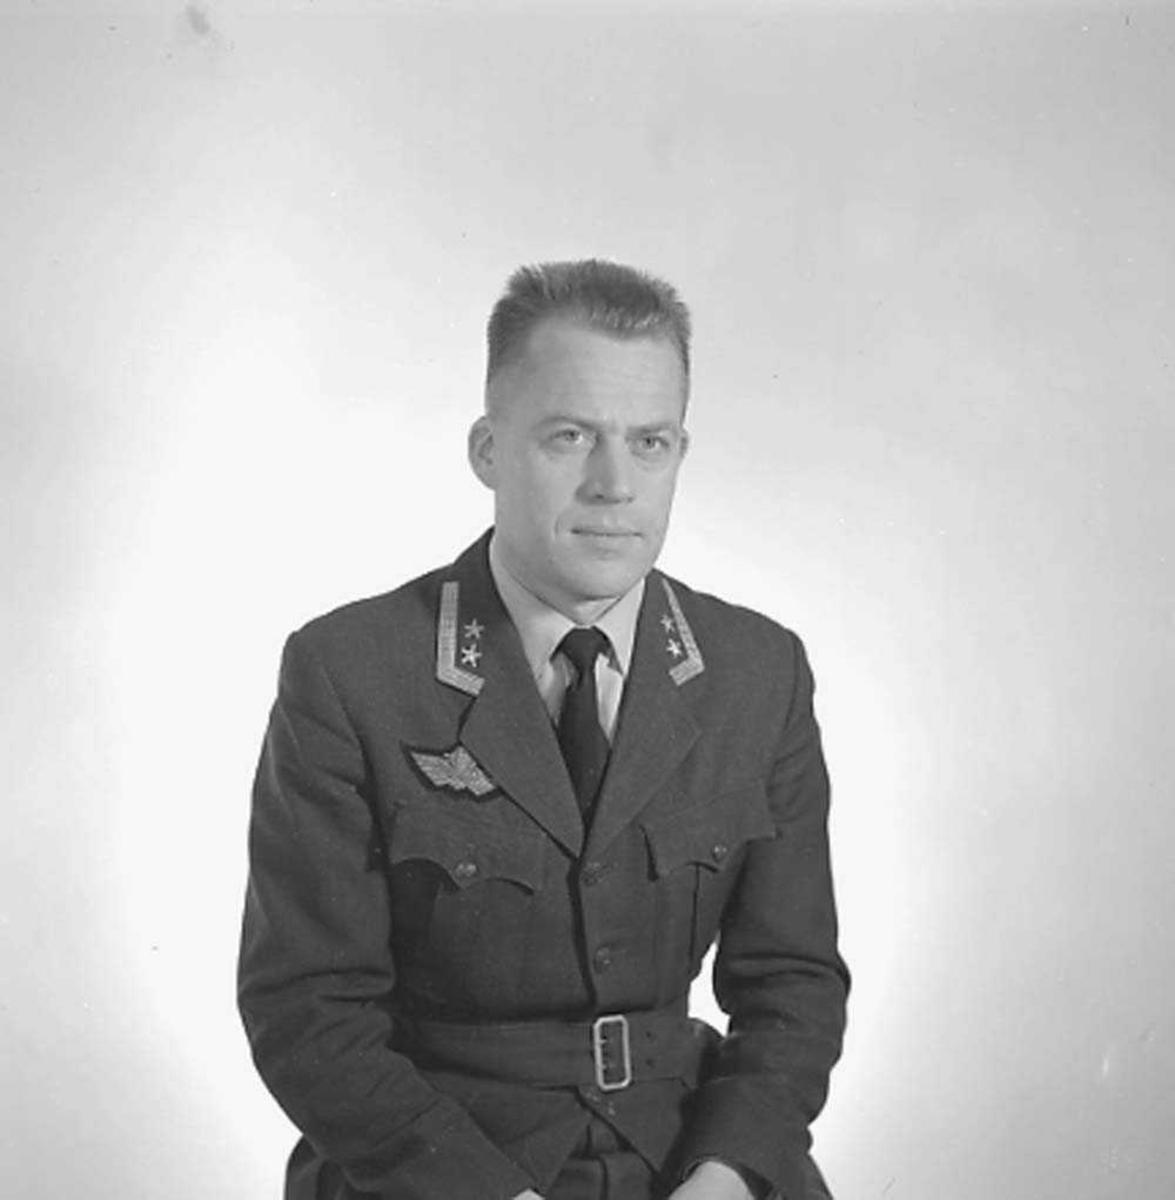 Portrett av Oberstløytnant Ingar T. Narvhus, Sjef Operasjonsgruppen, Bodø flystasjon.